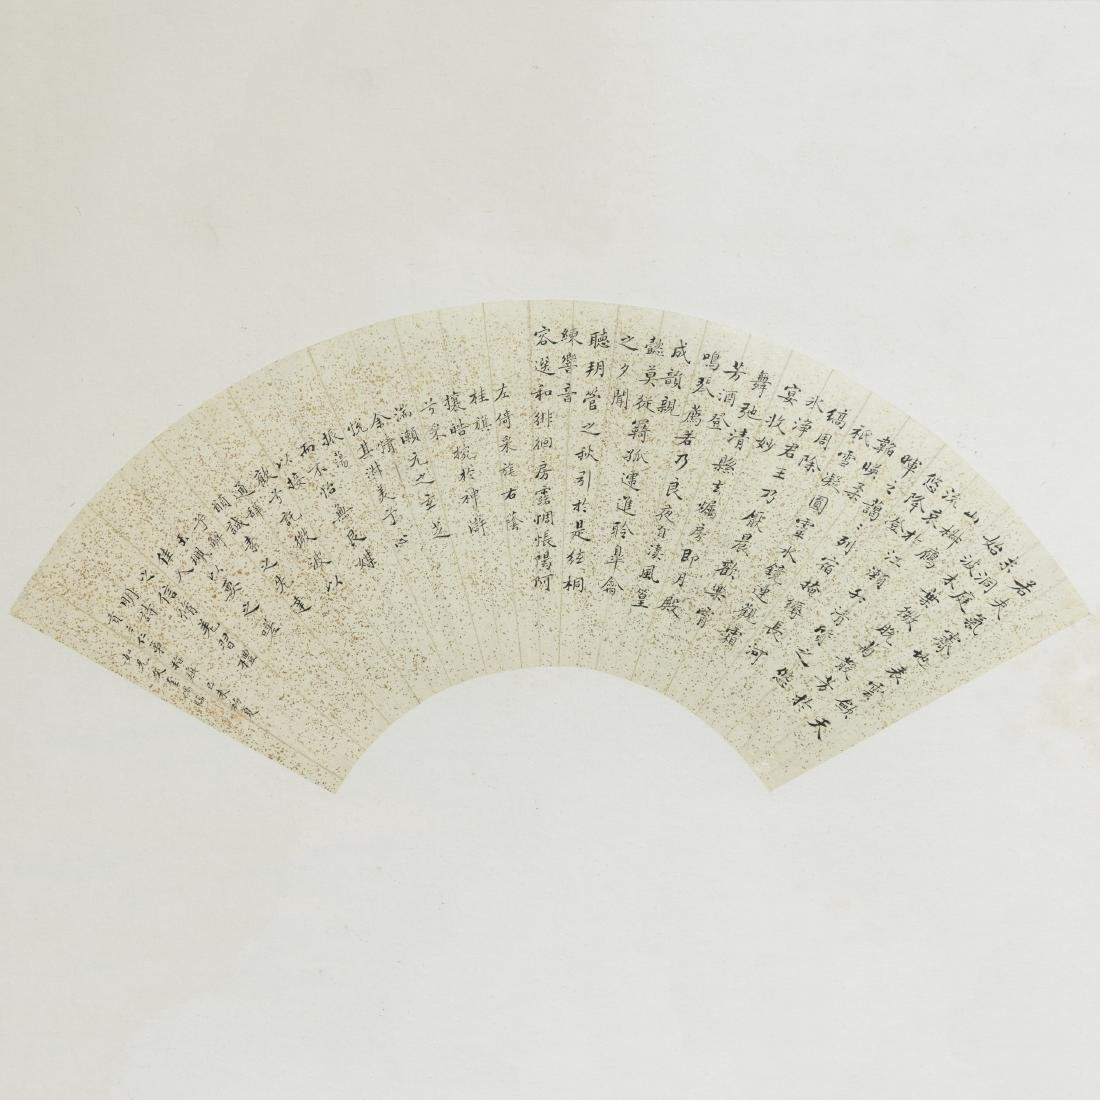 ZHANG ZHIWAN (1811-1897), FAN